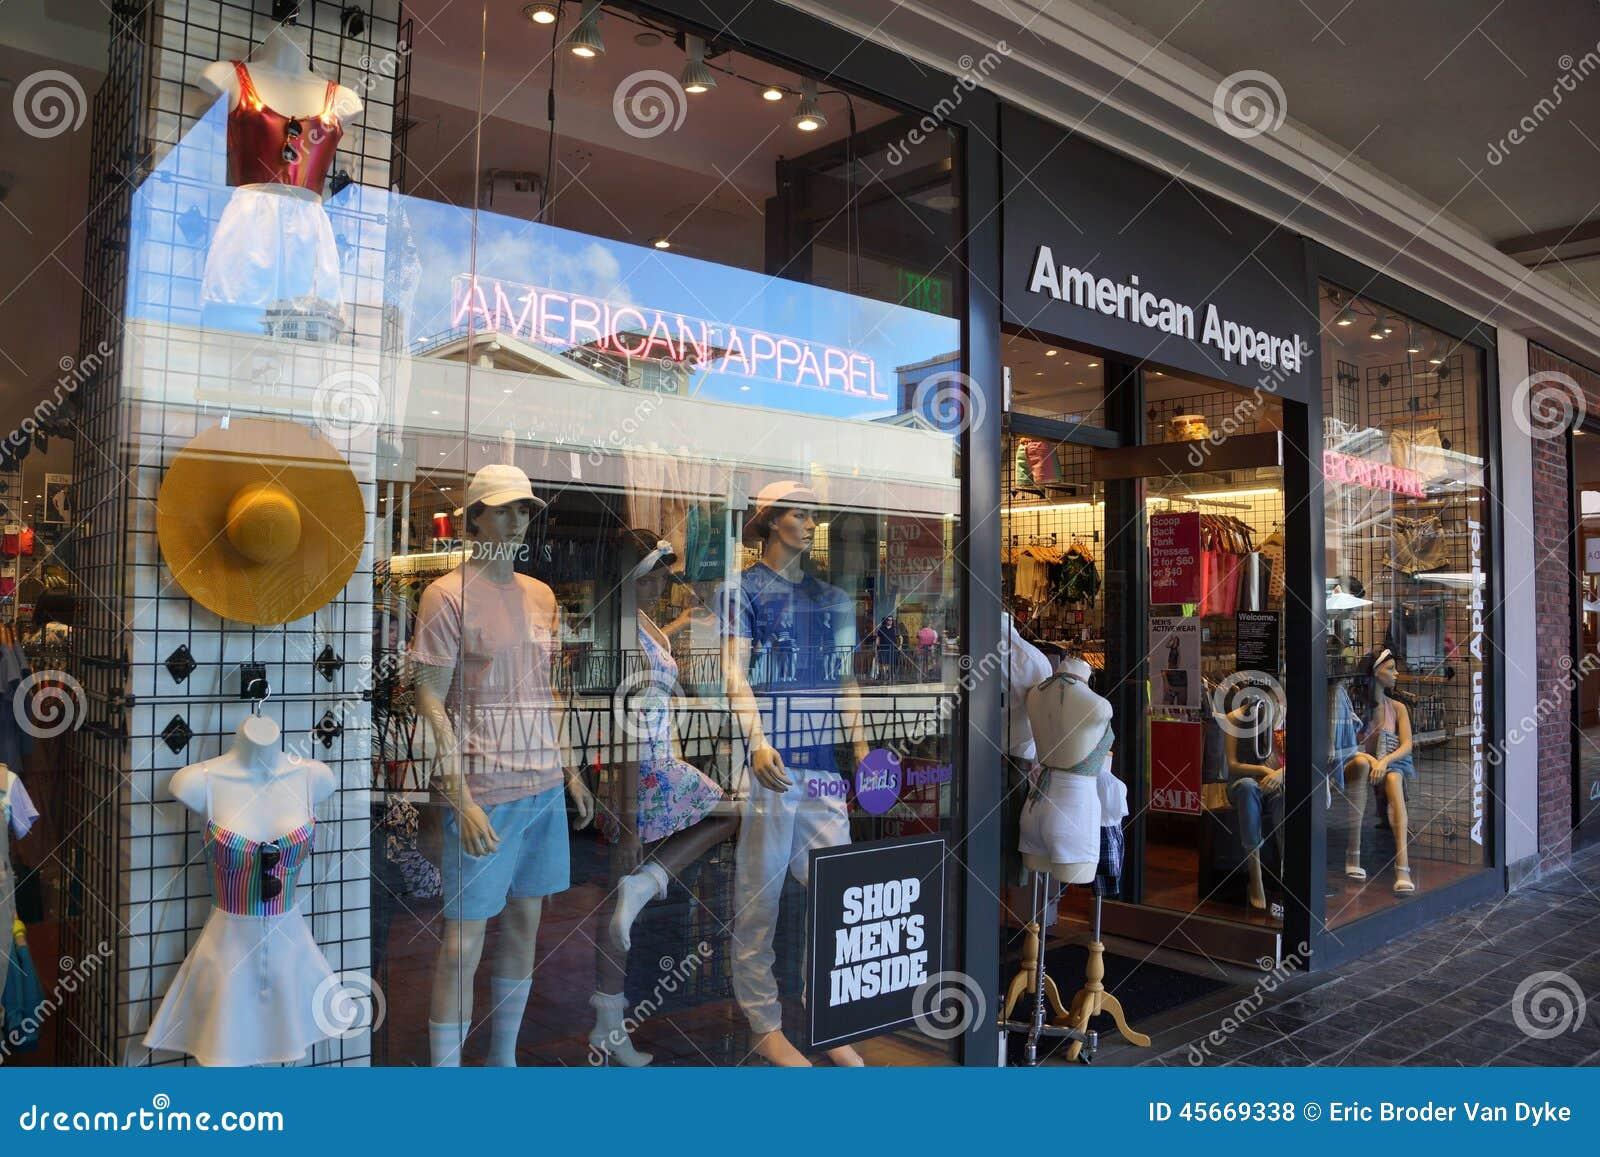 阿拉莫阿那中心的美国服装时尚商店图片